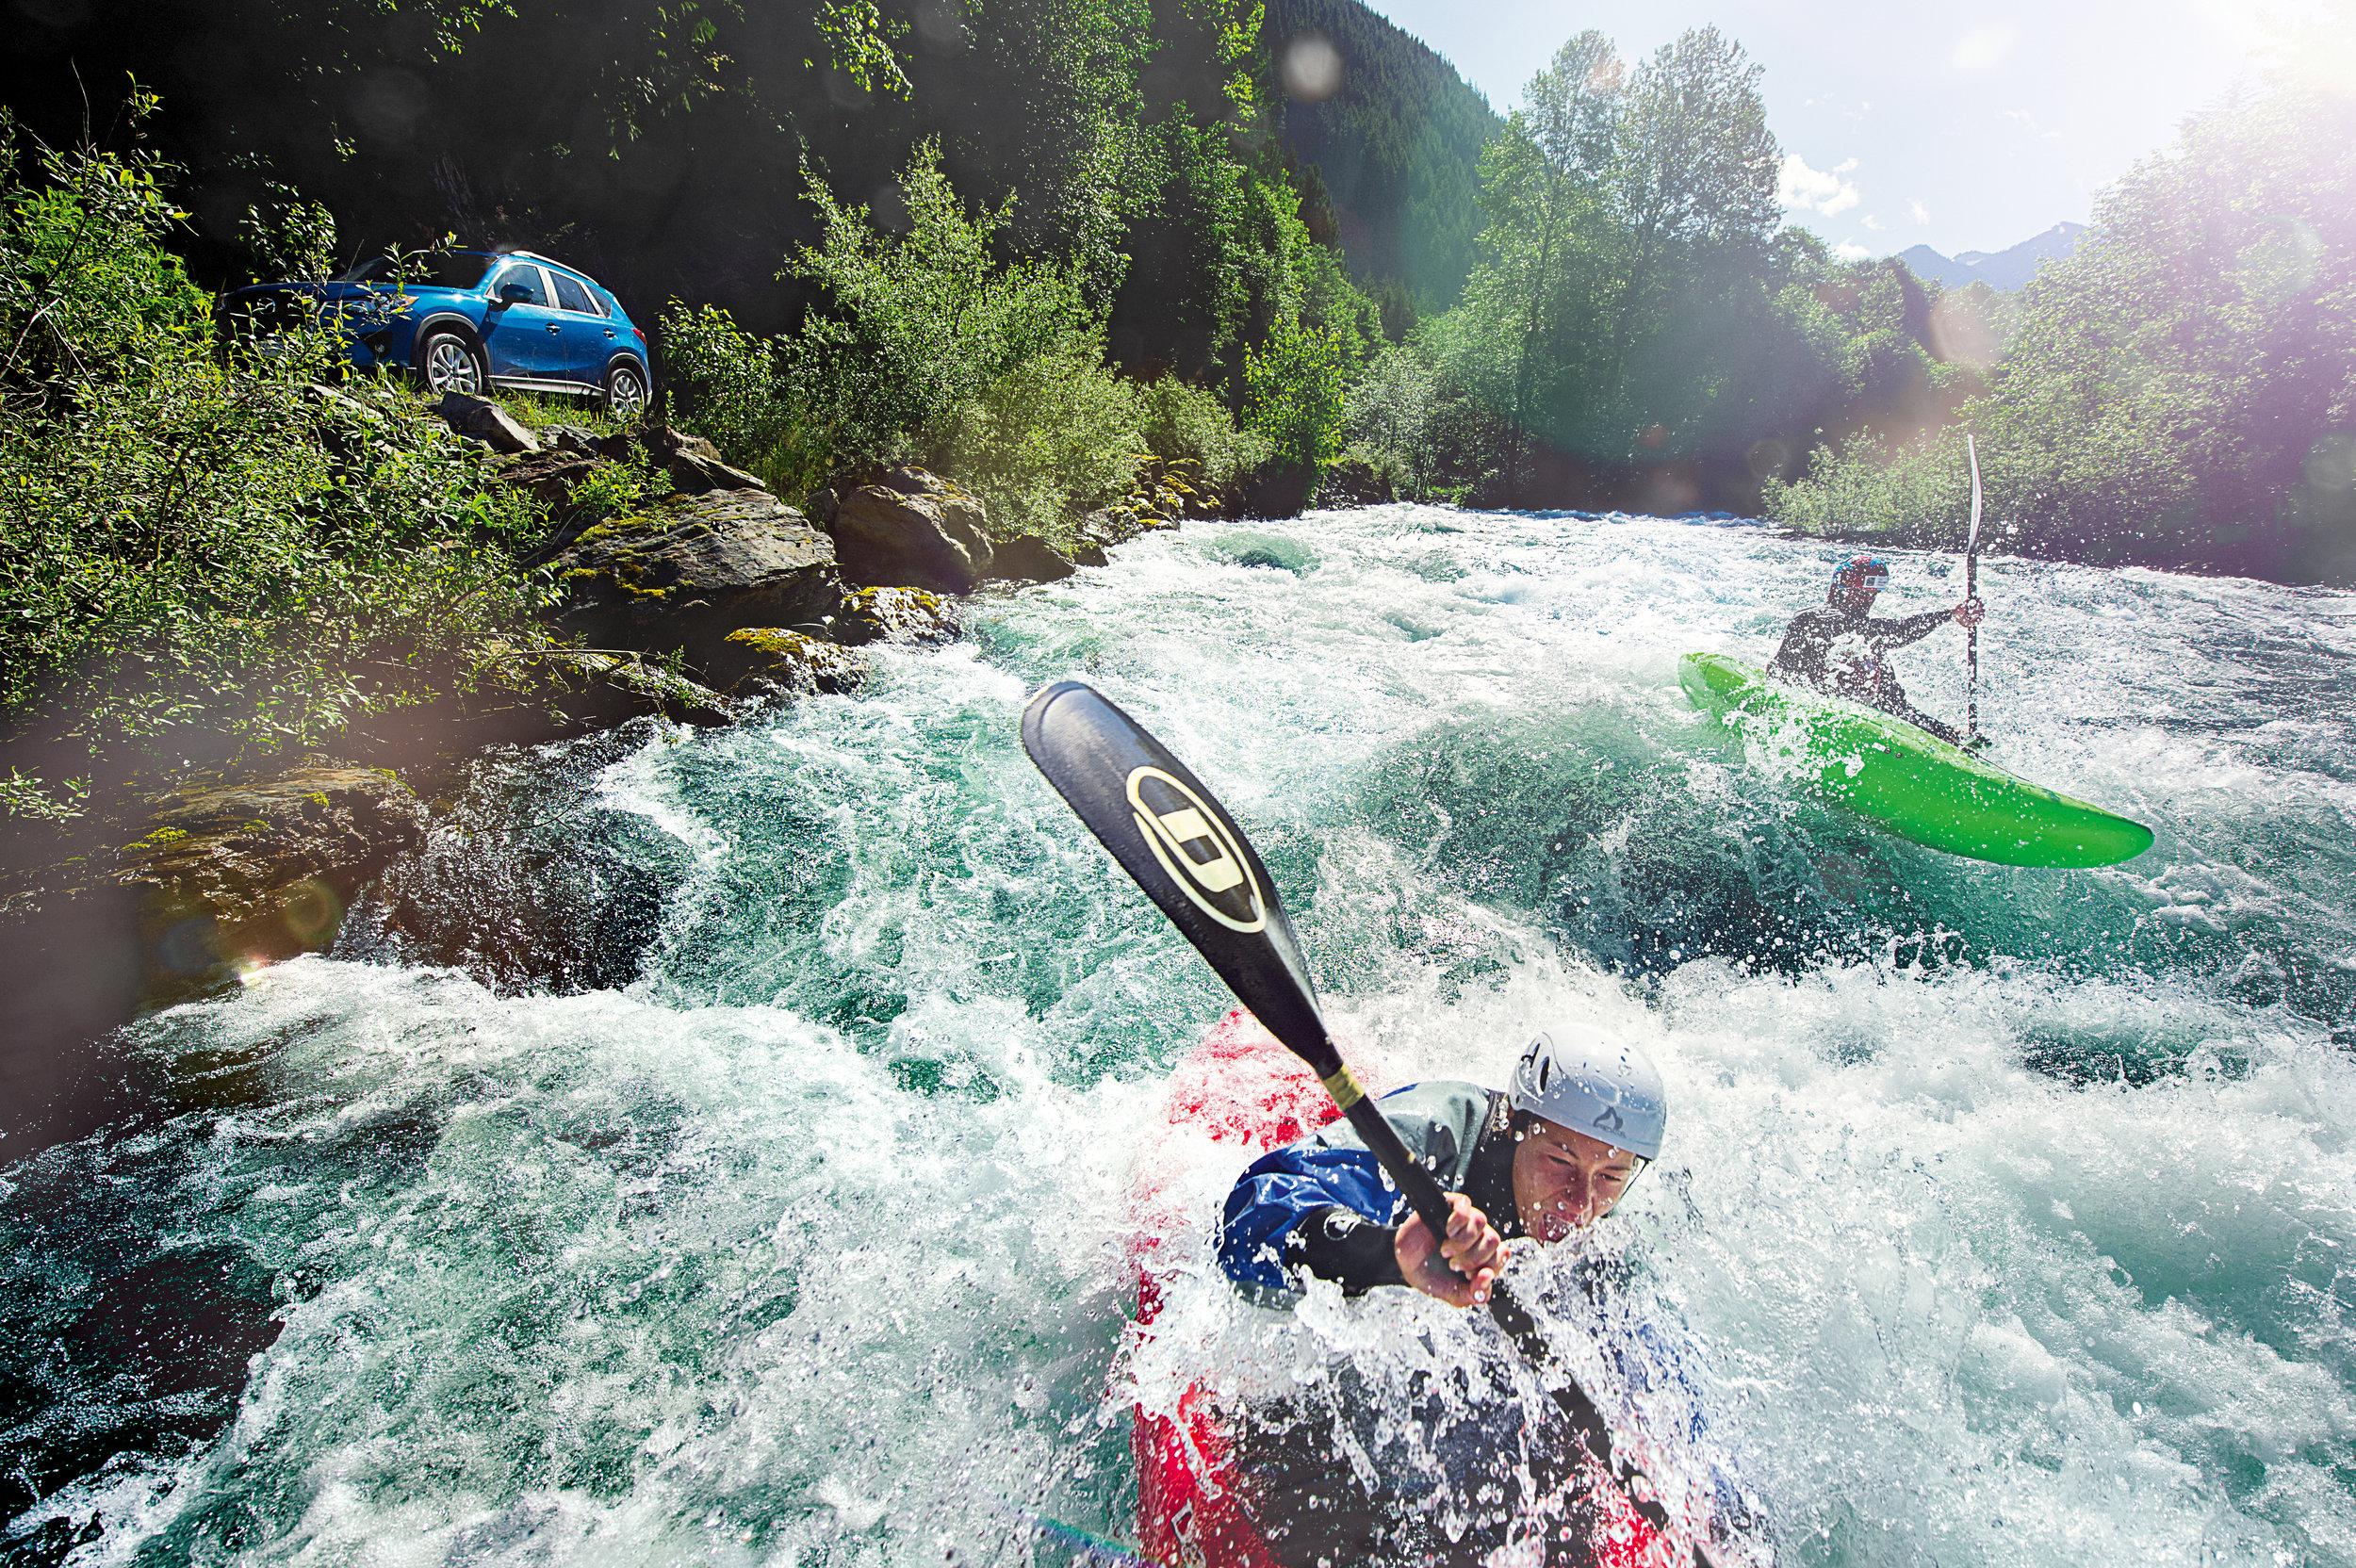 Jessica Groeneveld & John Hastings — Chilliwack River, British Columbia, Canada